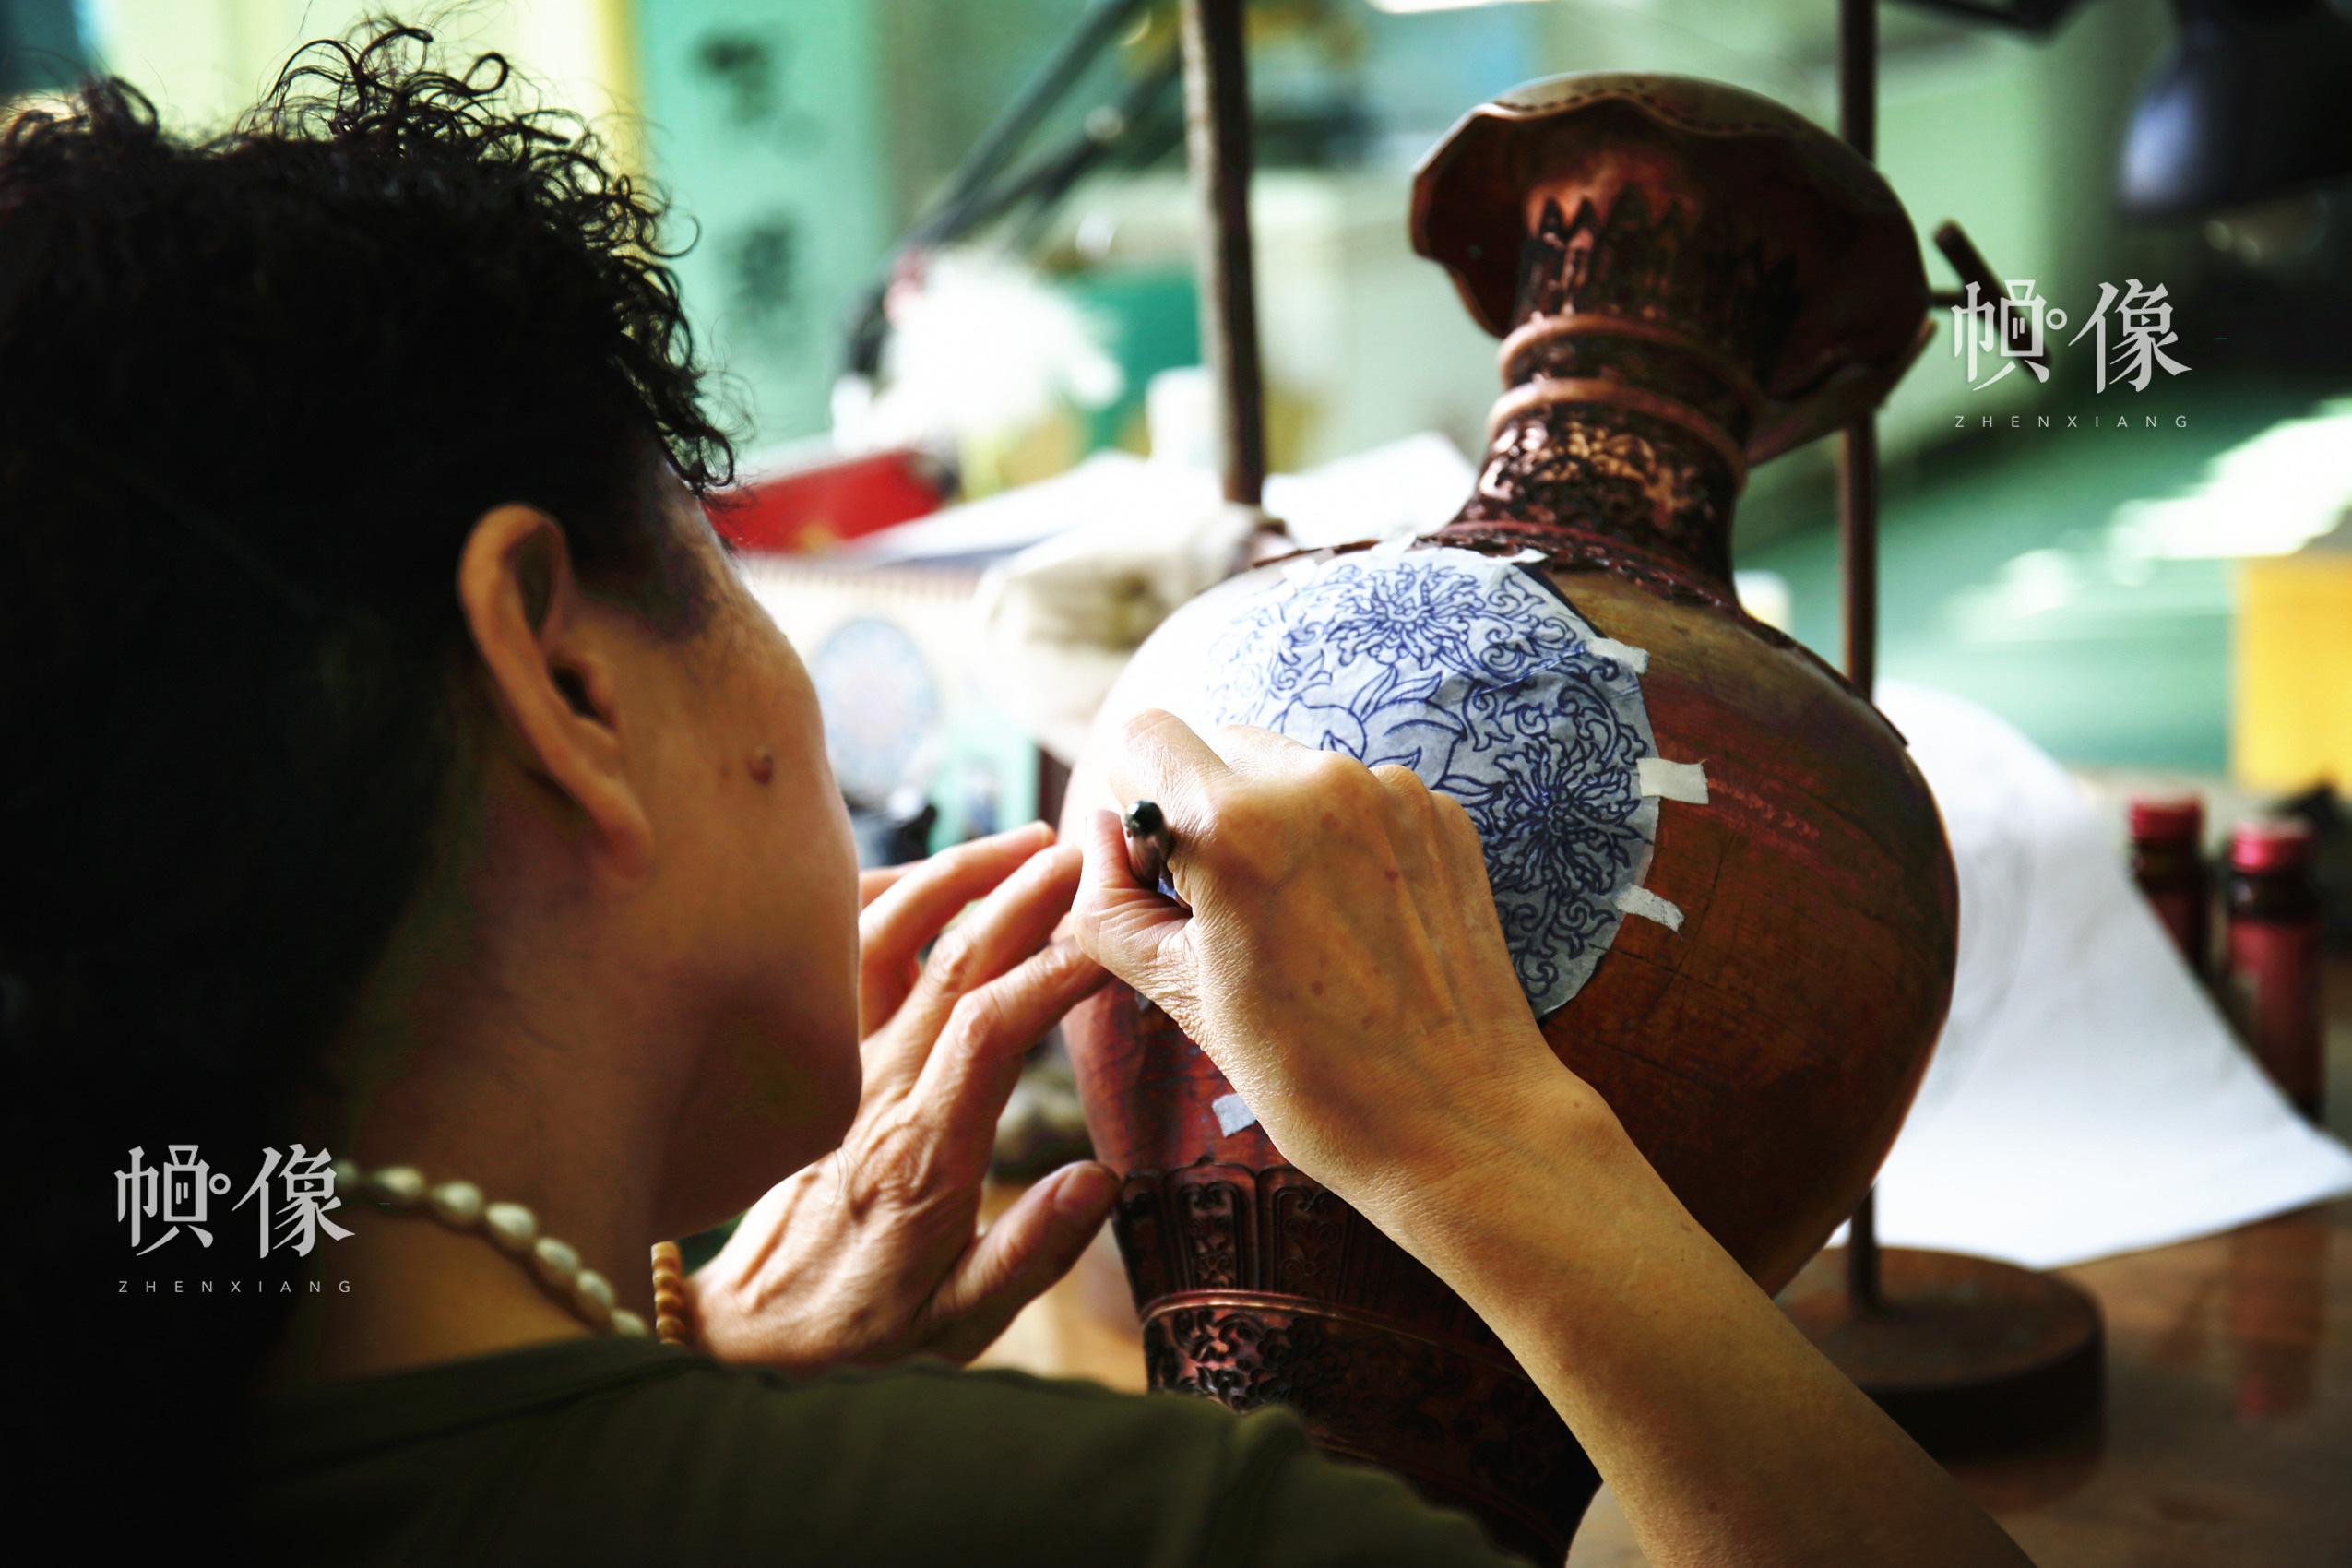 2017年9月5日,景泰蓝工匠把画好的图案沓在铜胚上。中国网记者 赵超 摄